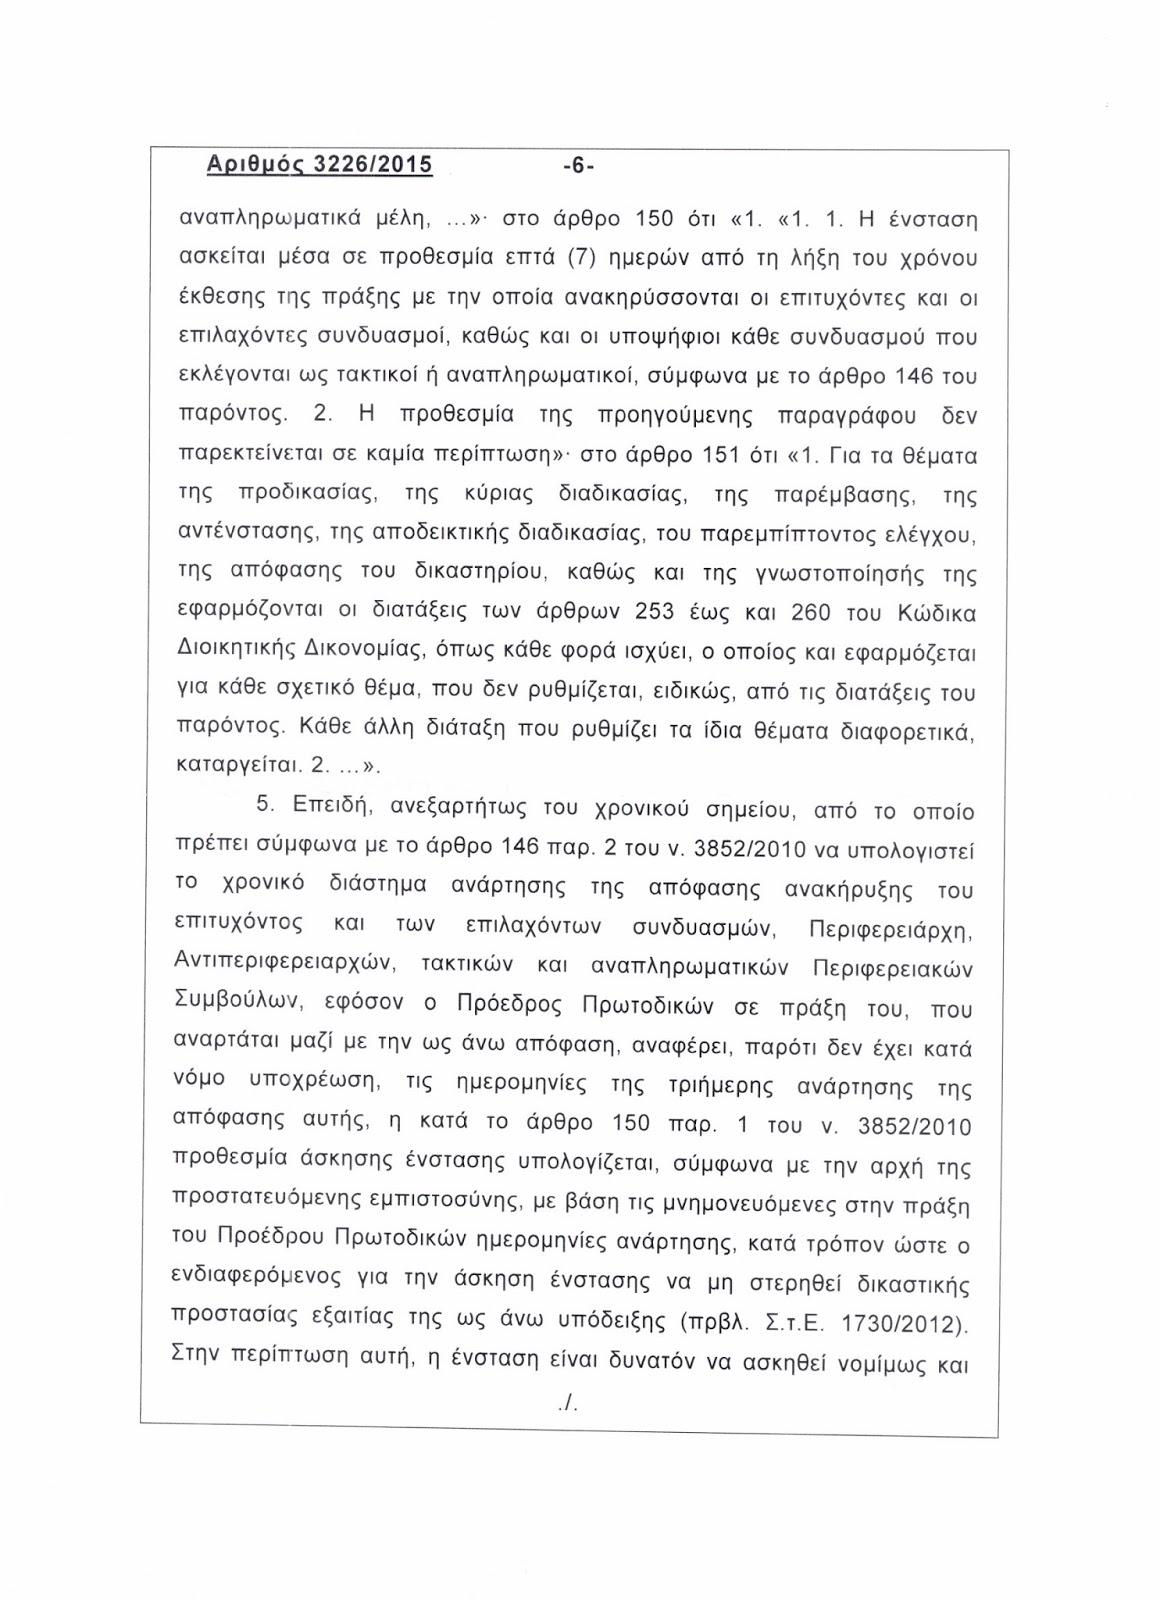 Ὁλόκληρη ἡ ἀπόφασις τοῦ ΣτΕ γιὰ τὸν Γιαννακόπουλο6